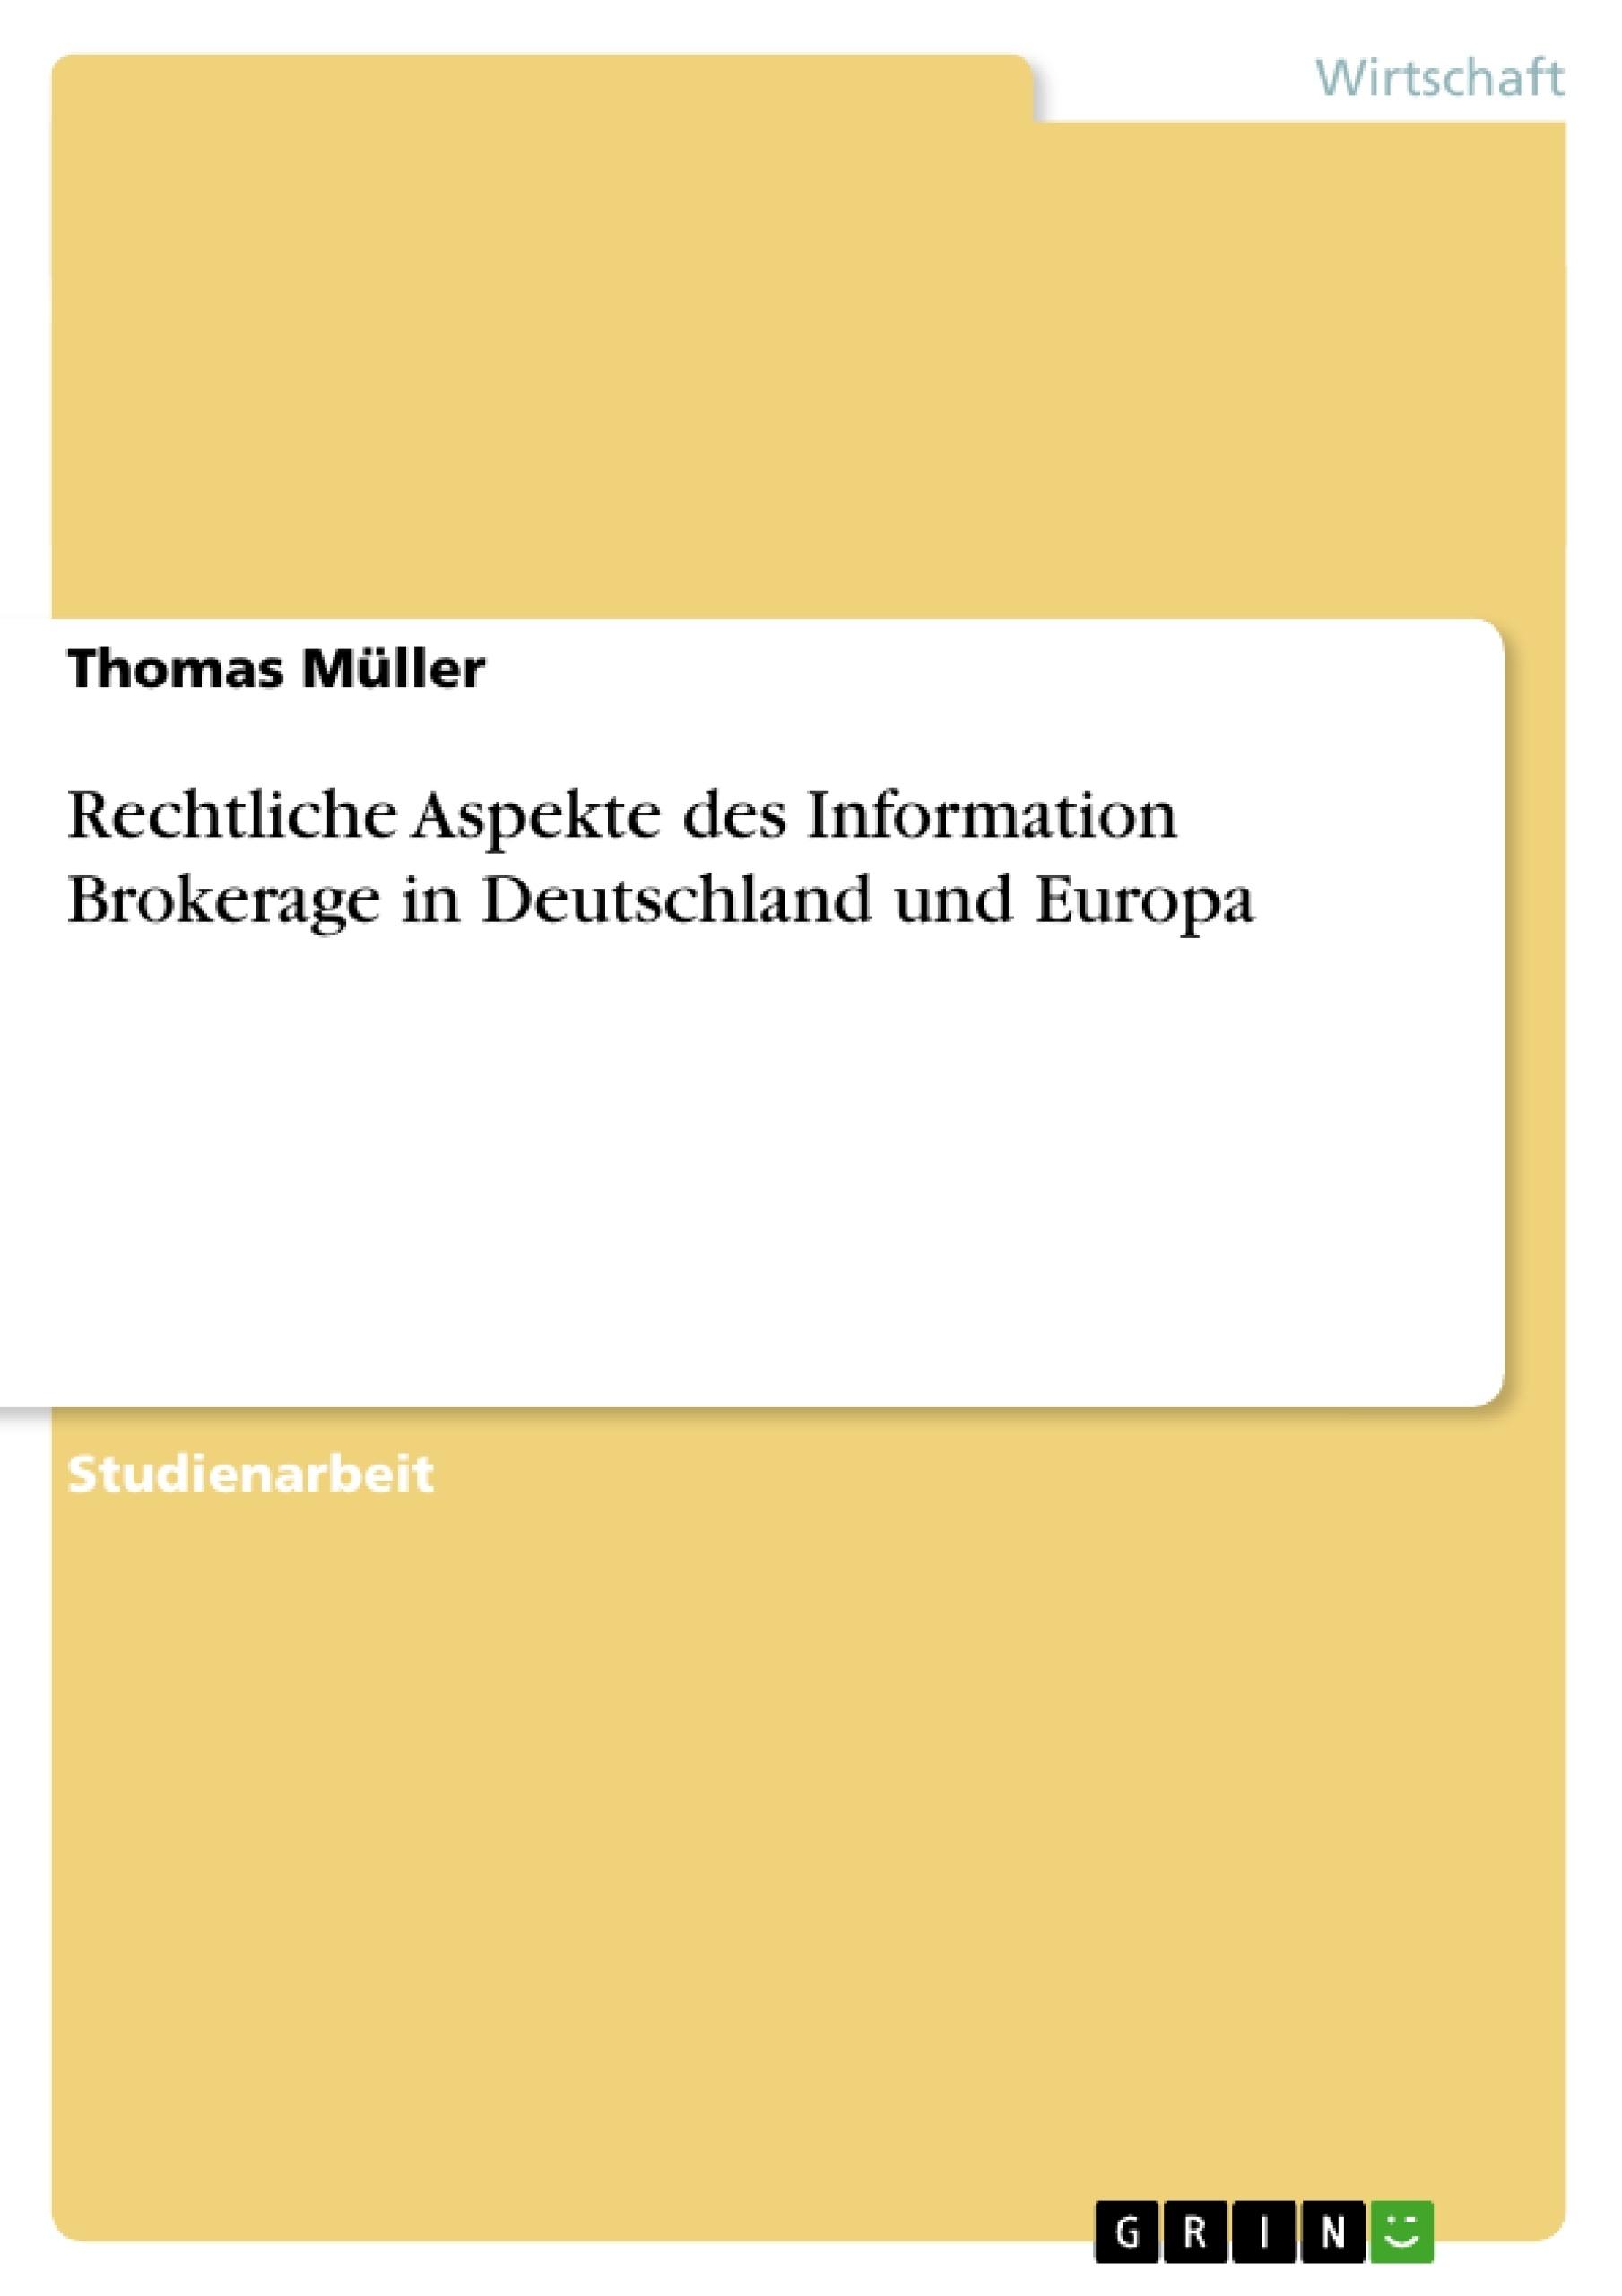 GRIN   Rechtliche Aspekte des Information Brokerage in Deutschland und  Europa